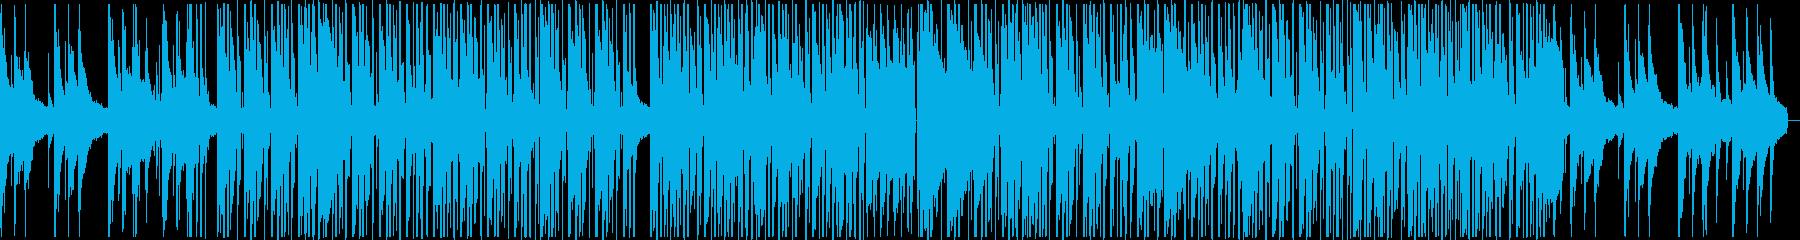 夕暮れの公園で聴きたいHiphopBGMの再生済みの波形